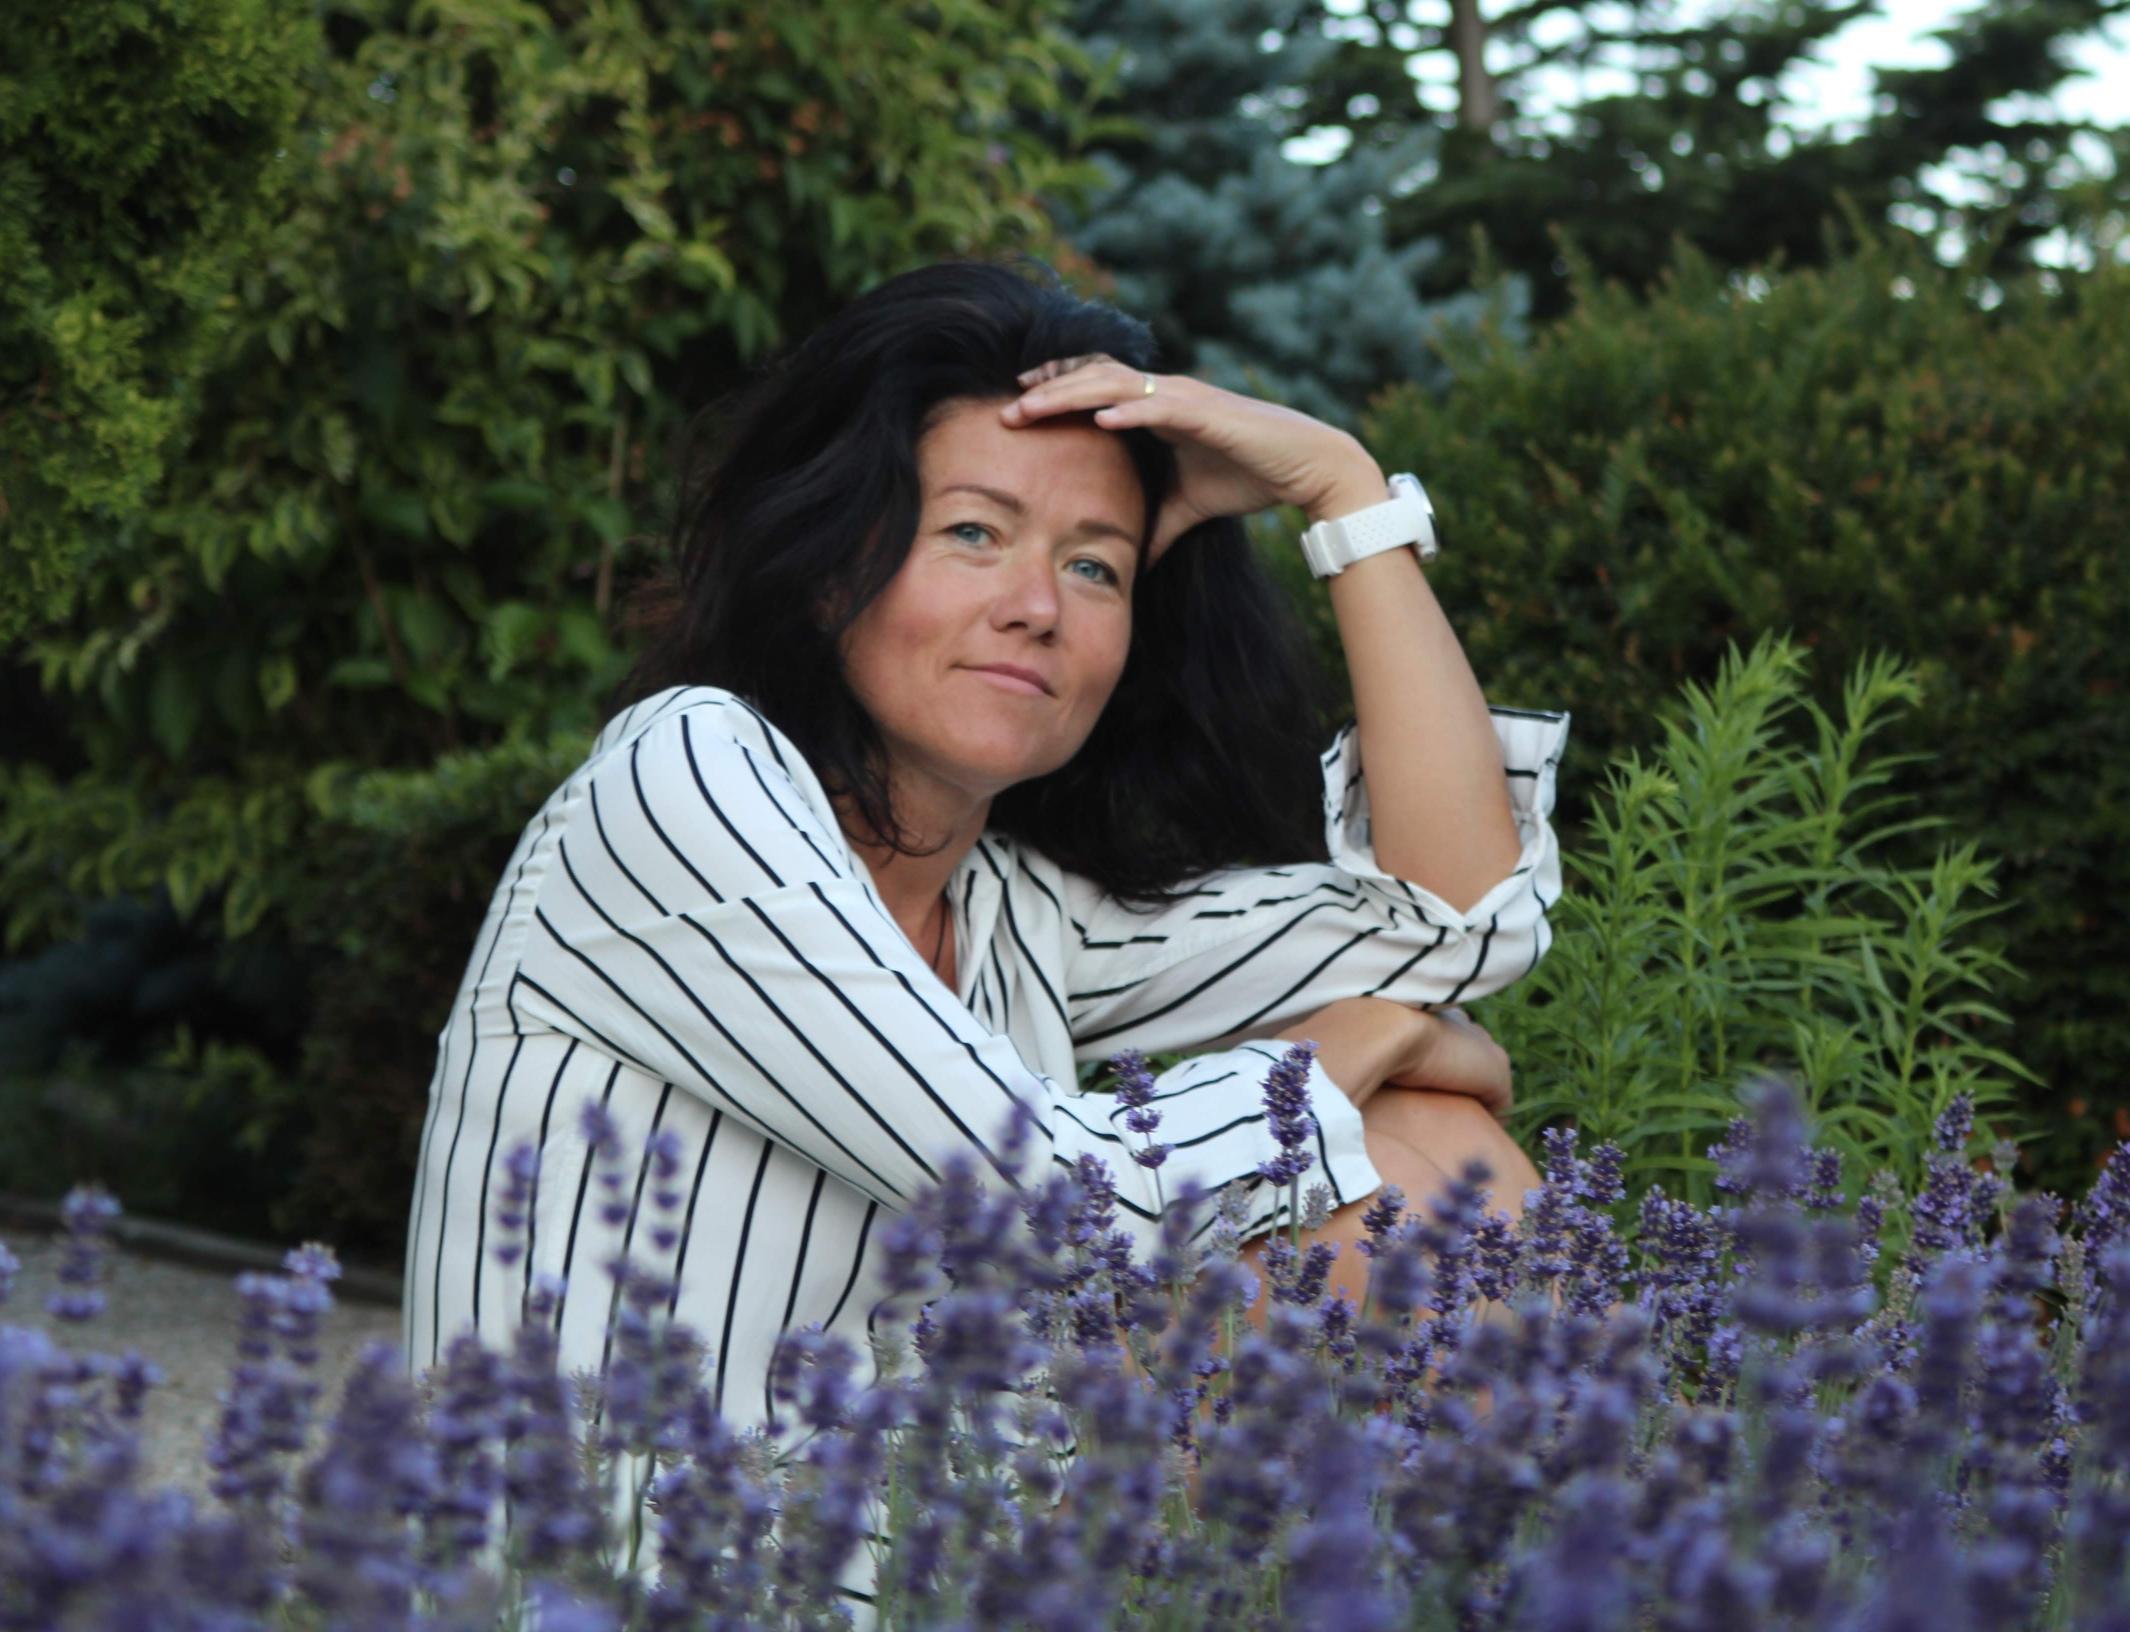 Radka Kulhánková - Konzultant HESU v oblasti psychologie     rkulhankova@hejnova.cz   Telefon: 605477626  Skype adresa: radka_kulhankova